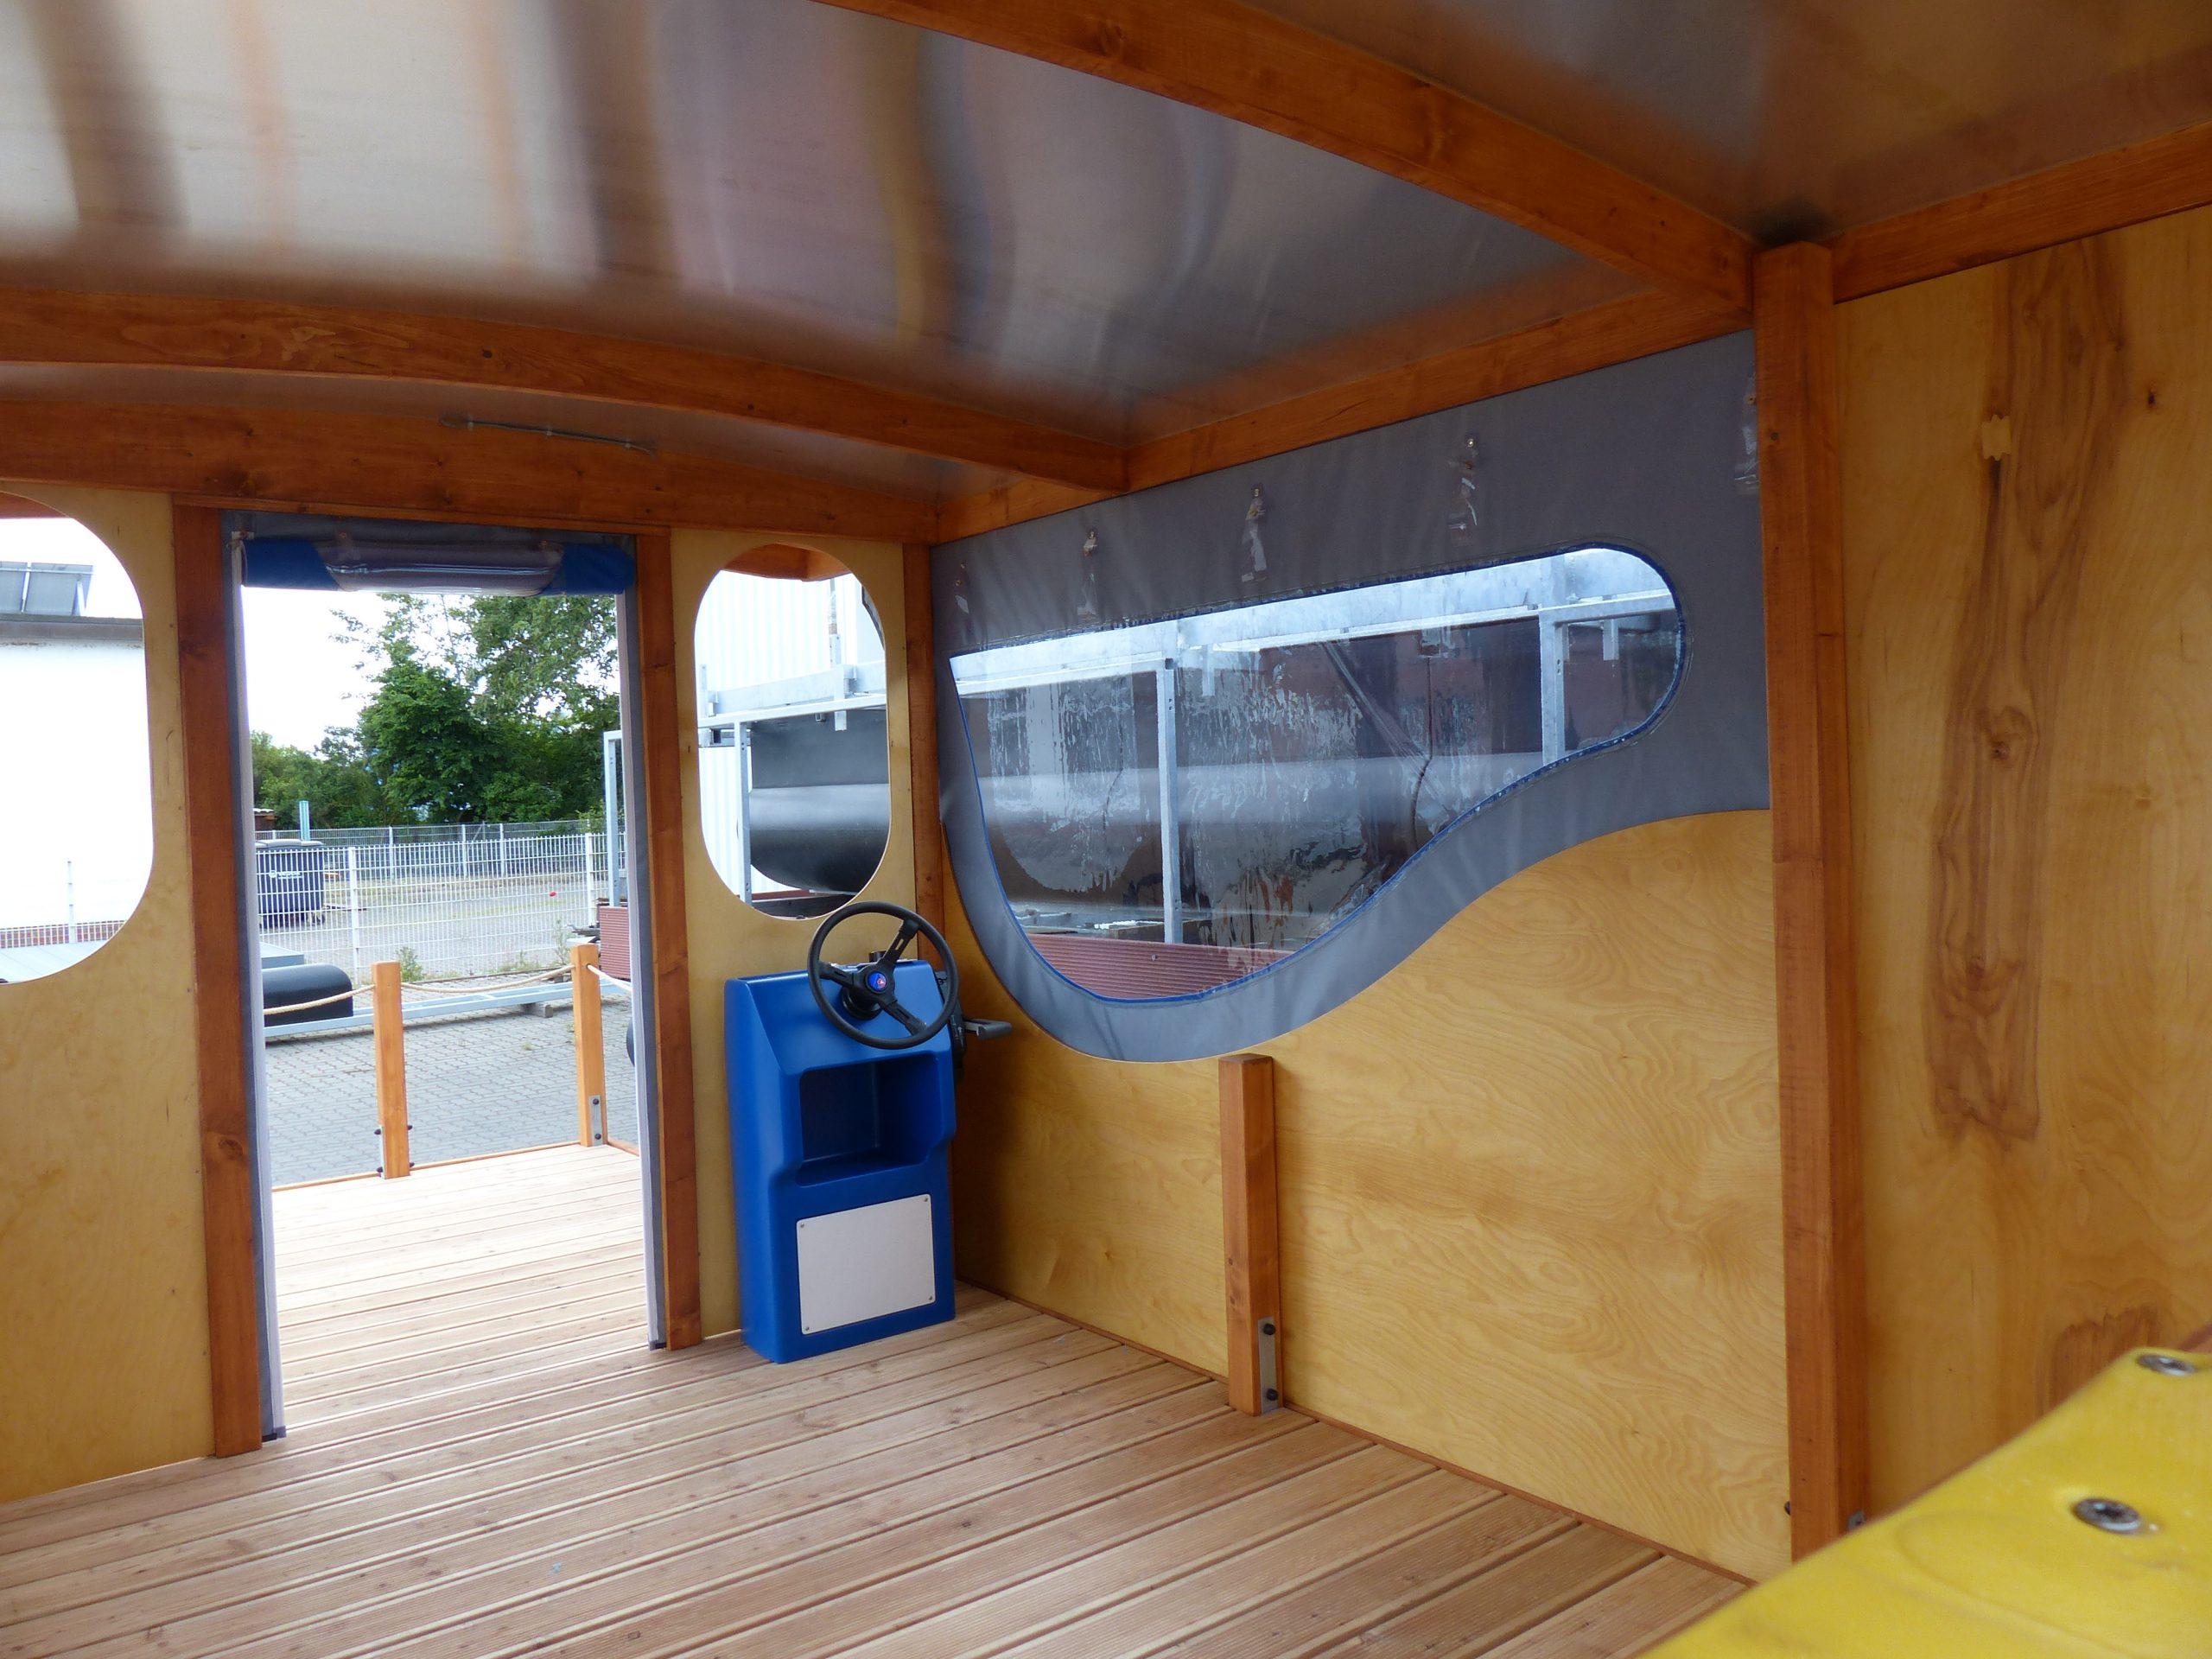 Die Innenansicht eines Mc-Bootes nach der Fertigstellung